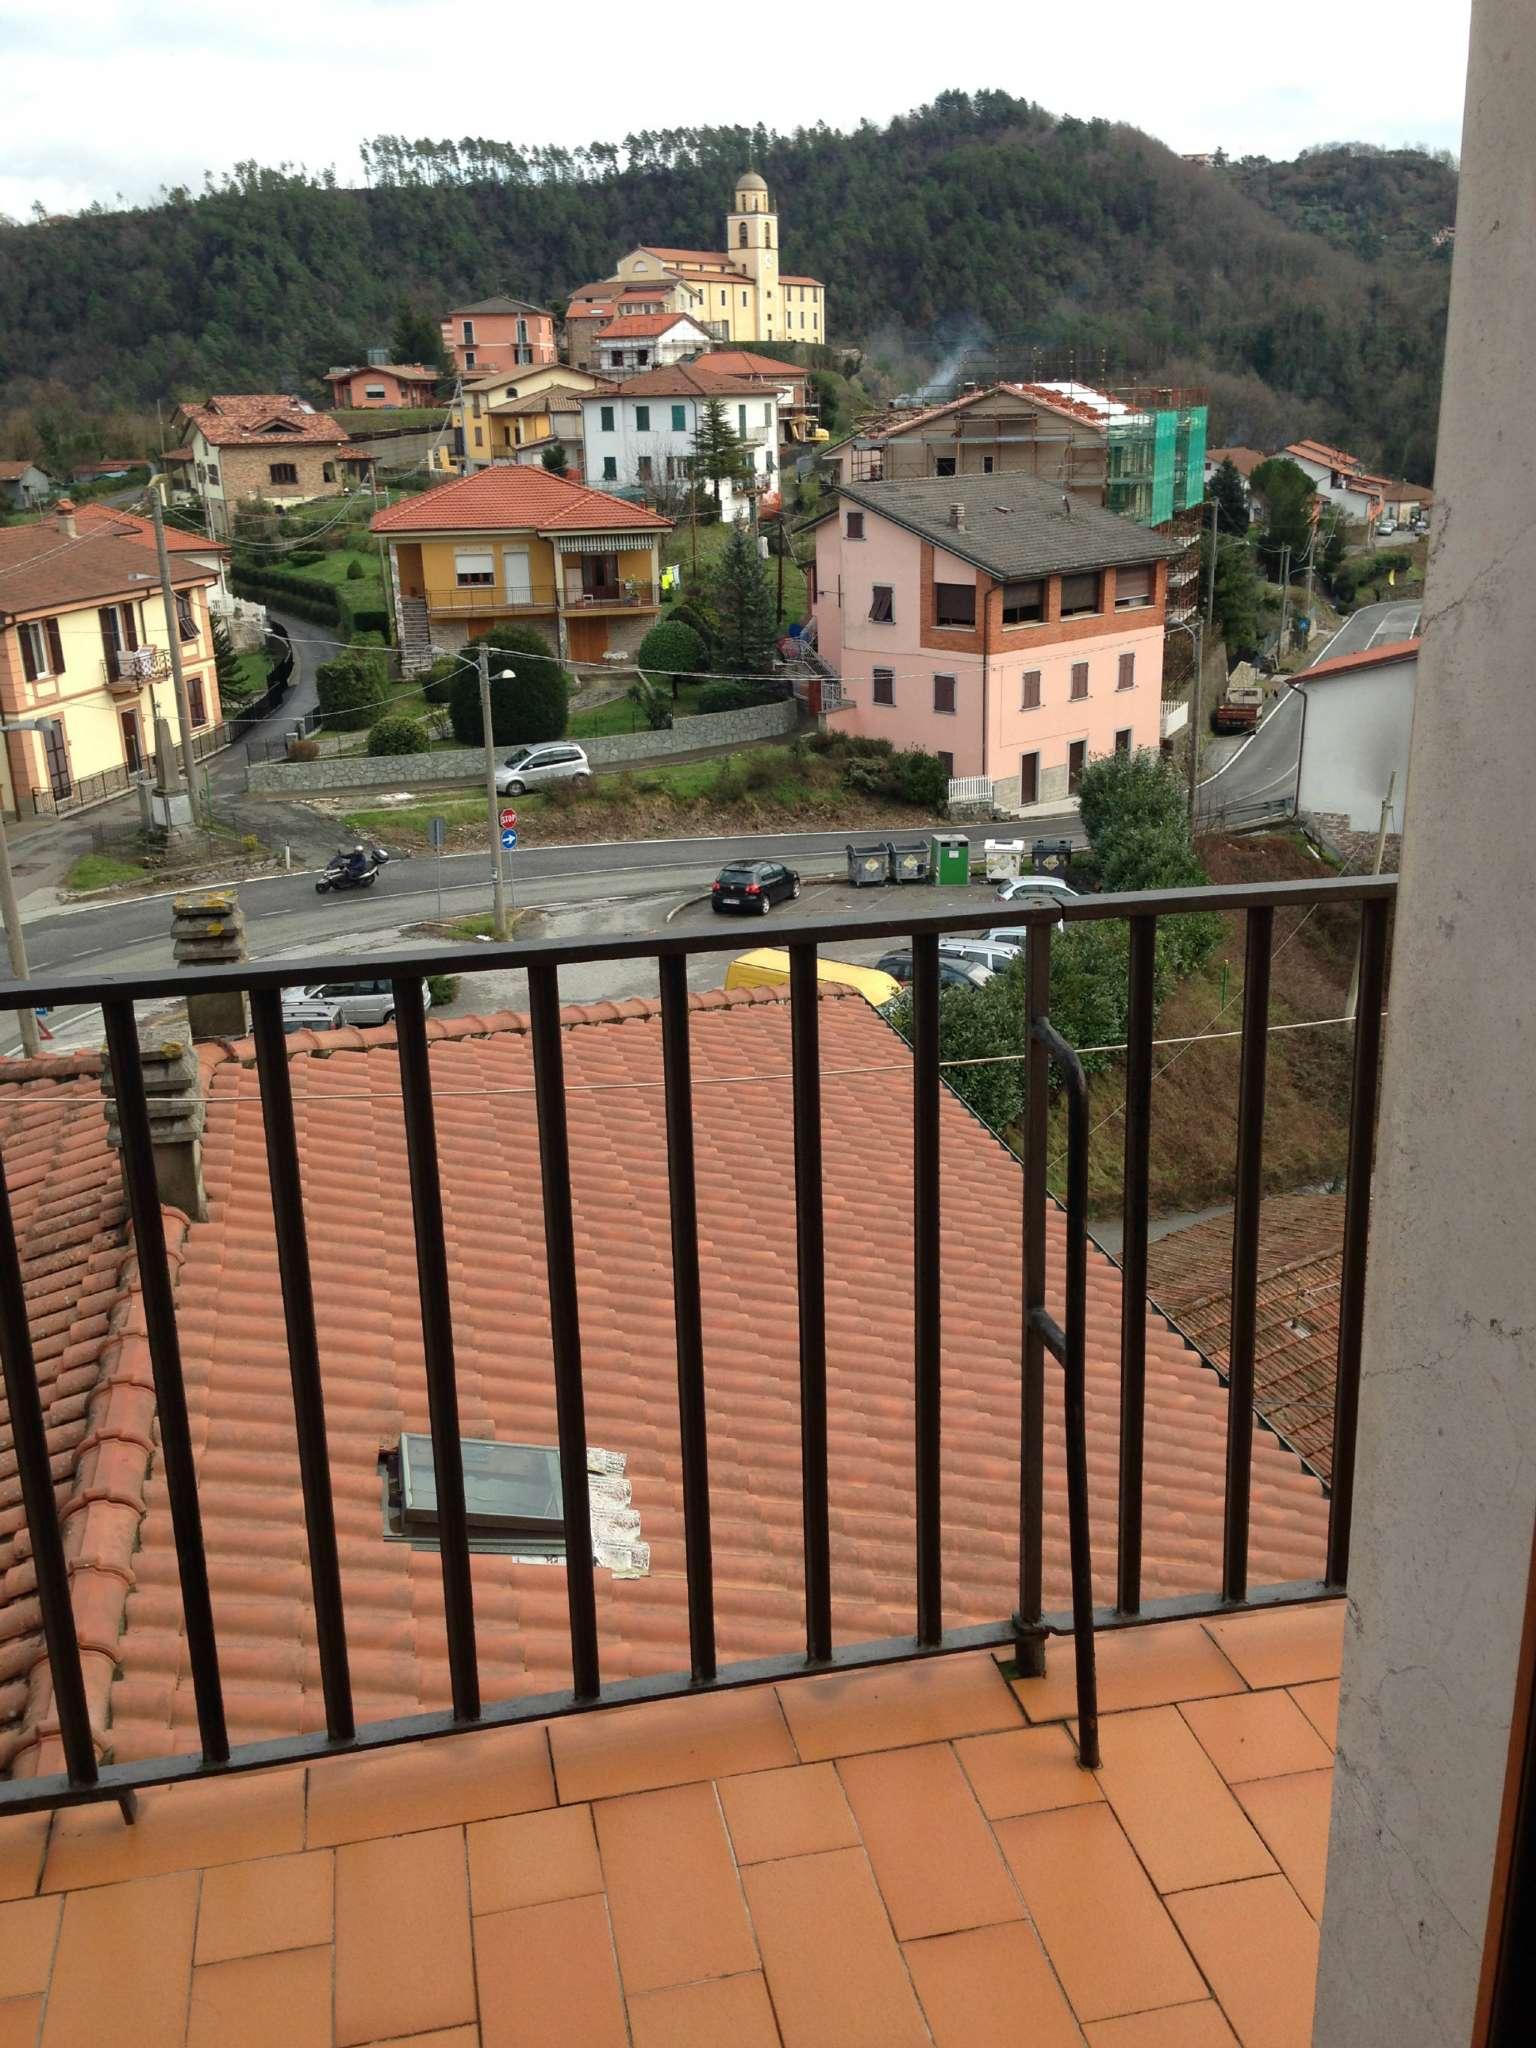 Appartamento in vendita a Riccò del Golfo di Spezia, 4 locali, prezzo € 130.000 | Cambio Casa.it